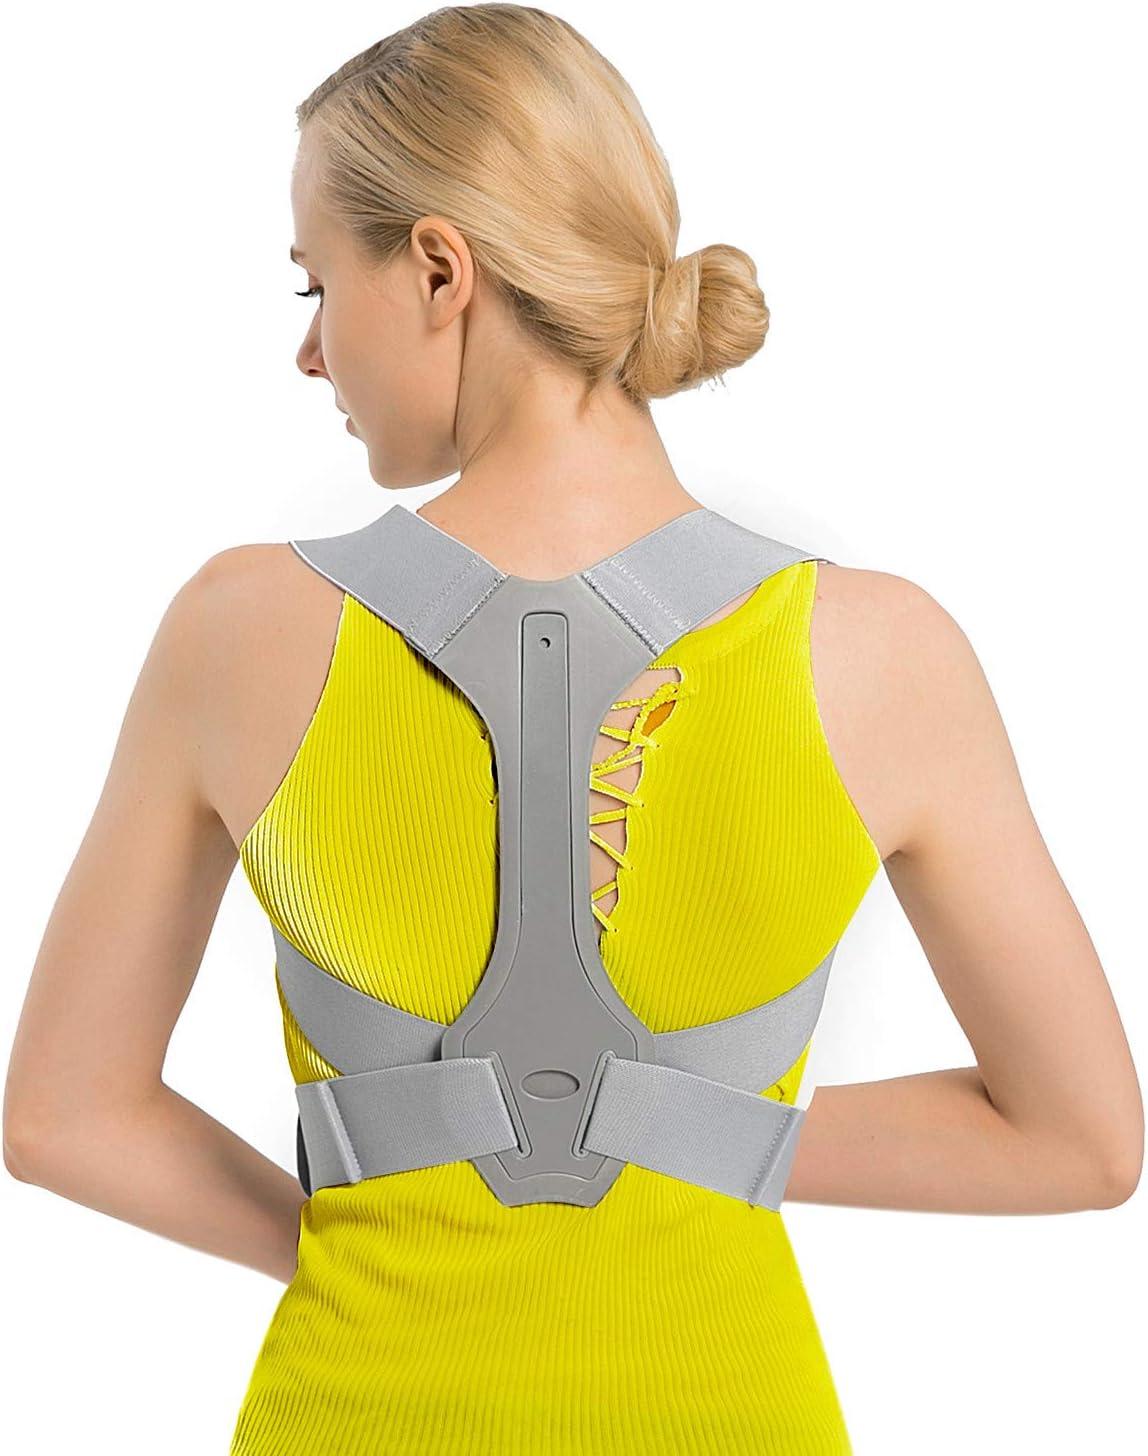 TURATA Corrector Postura Espalda y Hombros, Hombro Ajustable Profesional y Respaldo de La Médula Espinal Soporte, Prevención y Mejora de Las Jorobas, Alivia el Dolor de Espalda, Hombro y Cuello